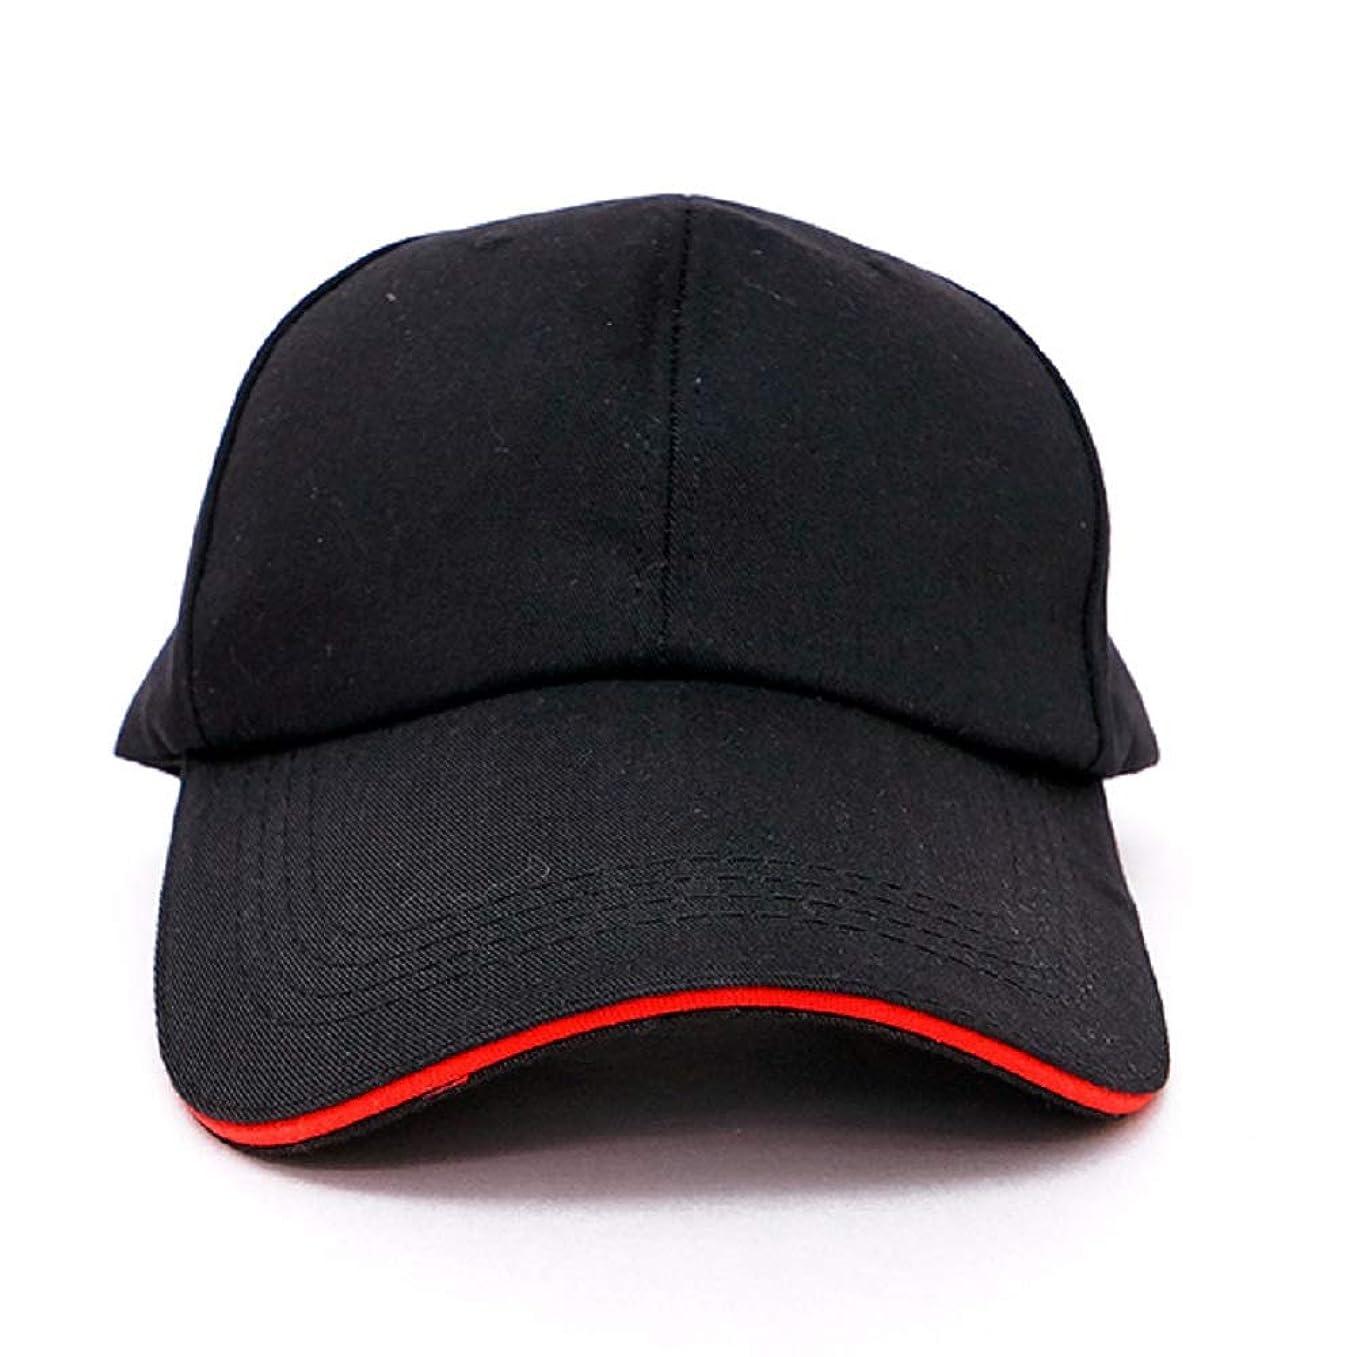 警察のために異邦人mamodenpa ベースボールキャップ 電磁波防止 電磁波対策 防護 遮蔽 電磁波から大切な頭部を守ります。 EMC-201BCP (F)